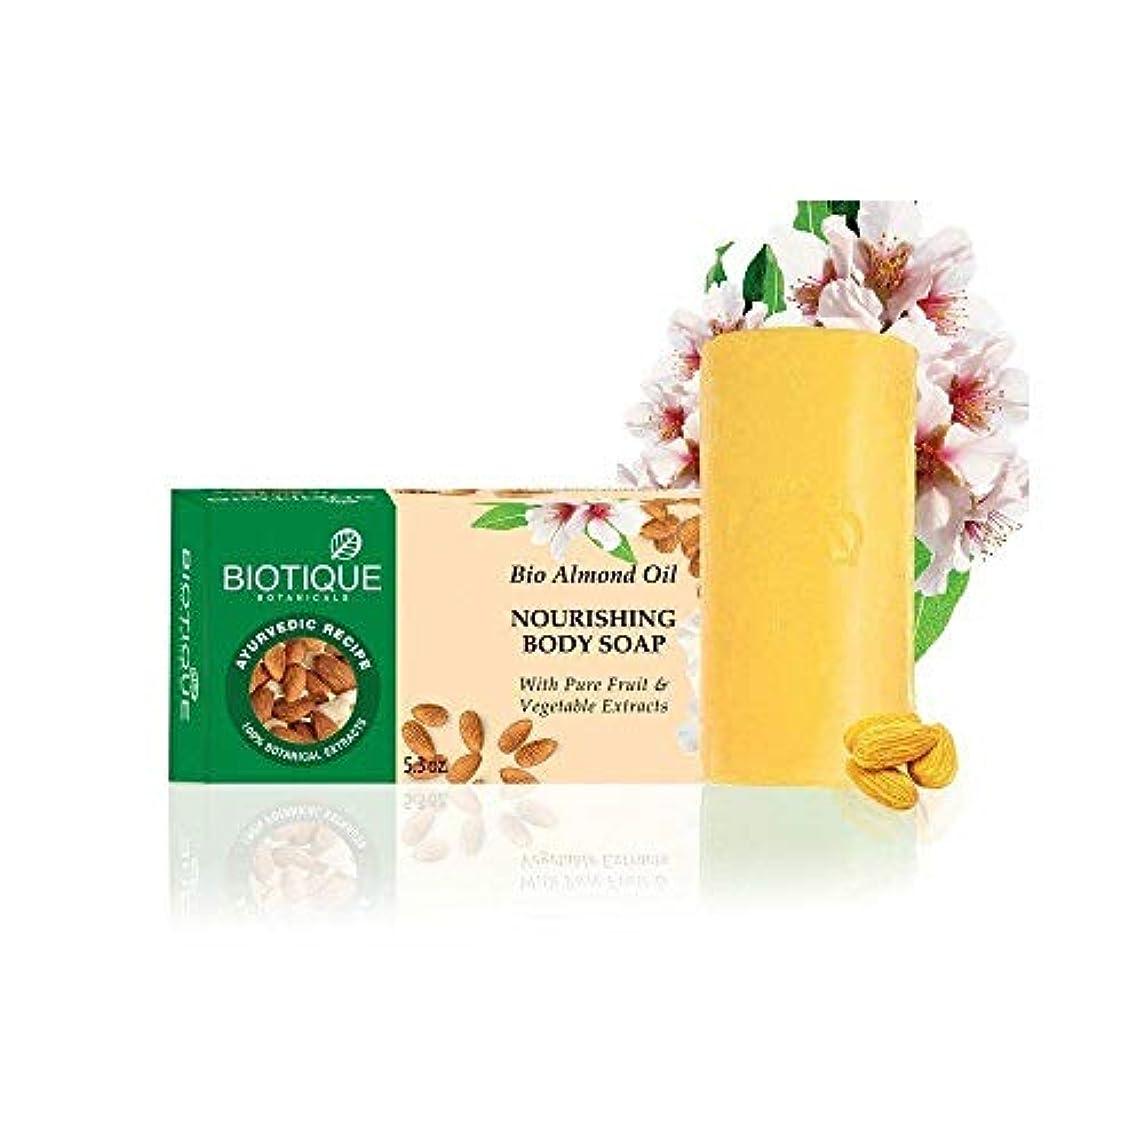 ルネッサンス決定する顕微鏡Biotique Bio Almond Oil Nourishing Body Soap - 150g (Pack of 2) wash Impurities Biotique Bio Almond Oilナリッシングボディソープ...